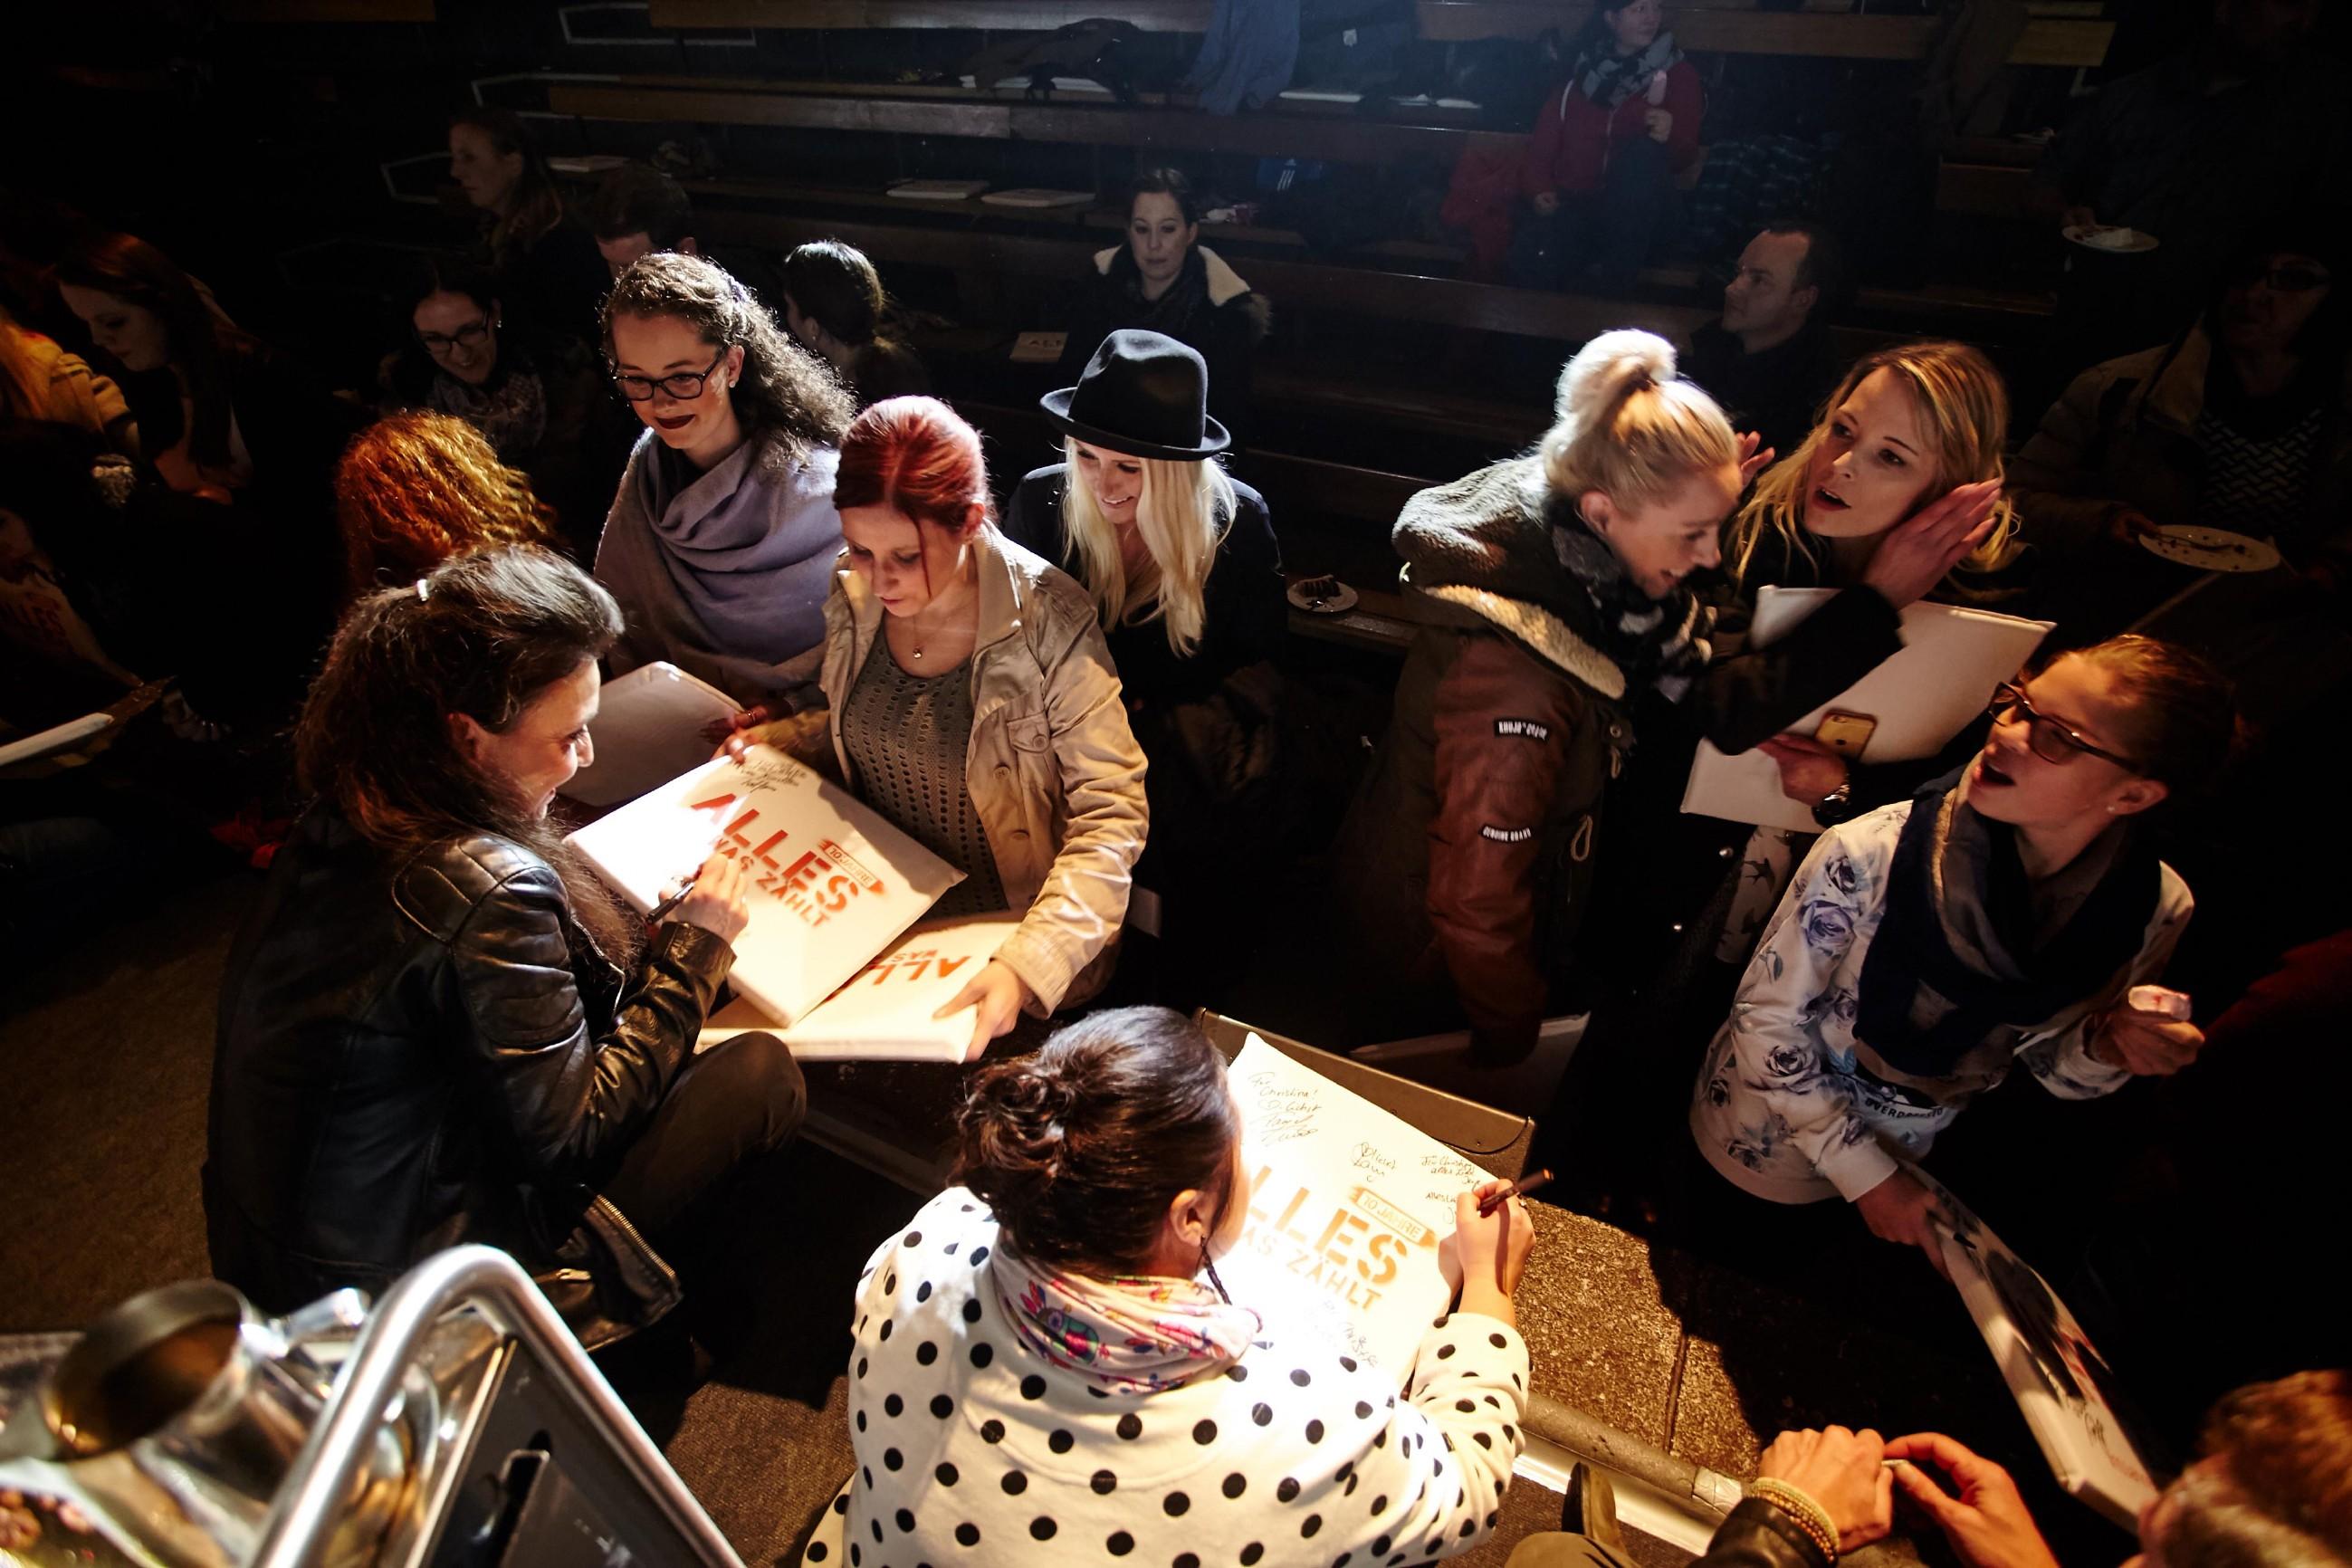 Tatjana Clasing (l.) und Julia Augustin (vorne) verteilen fleißig Autogramme an die Fans.